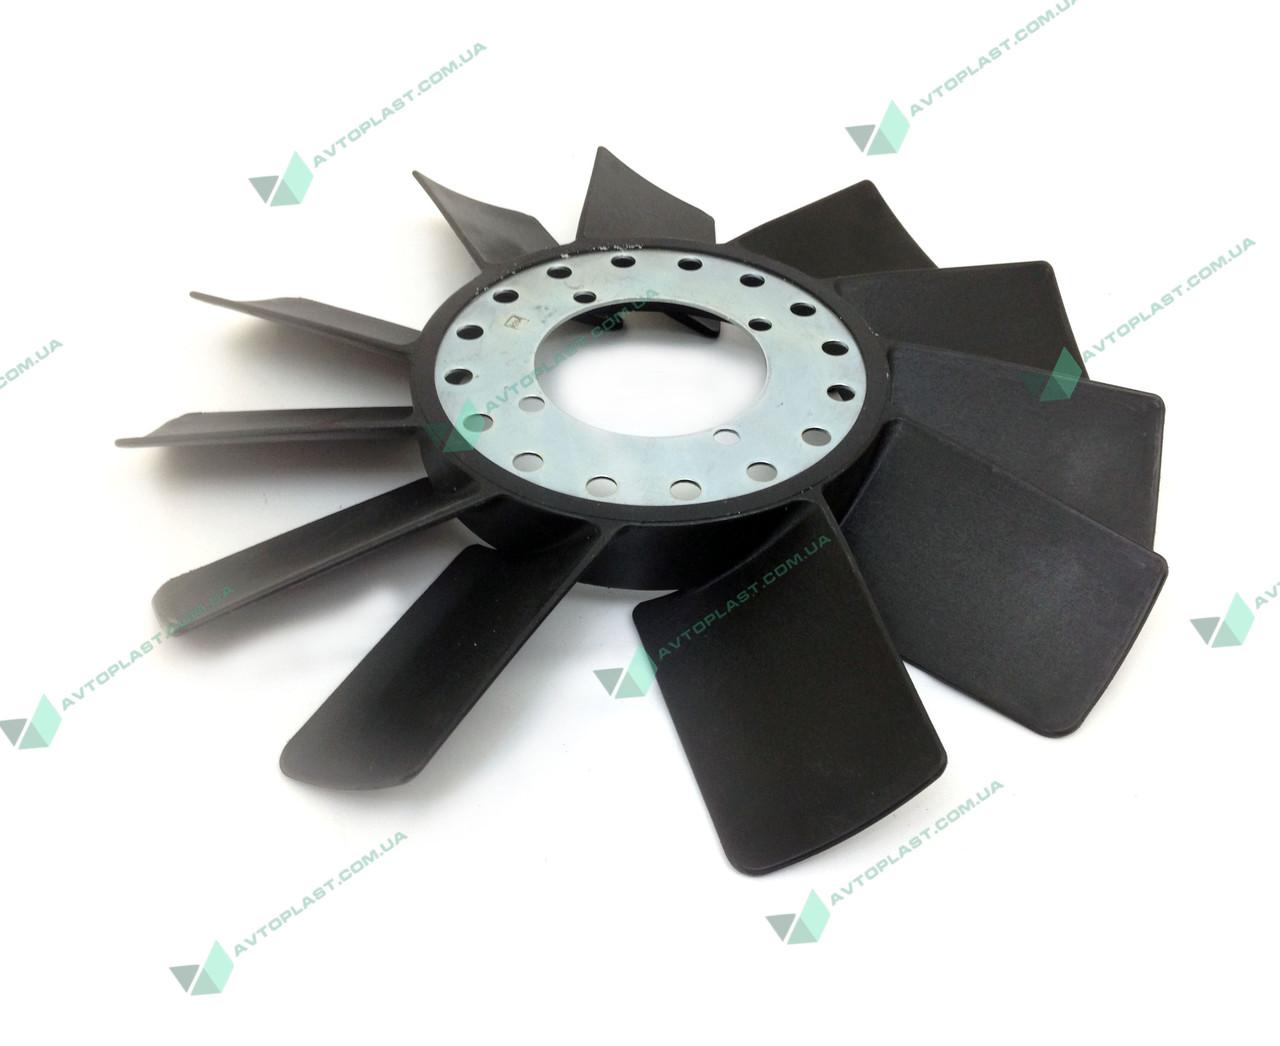 Вентилятор системы охлаждения (крыльчатка) Газель NEXT,Бизнес дв.Cummins ISF 2.8 (пр-во Foton)